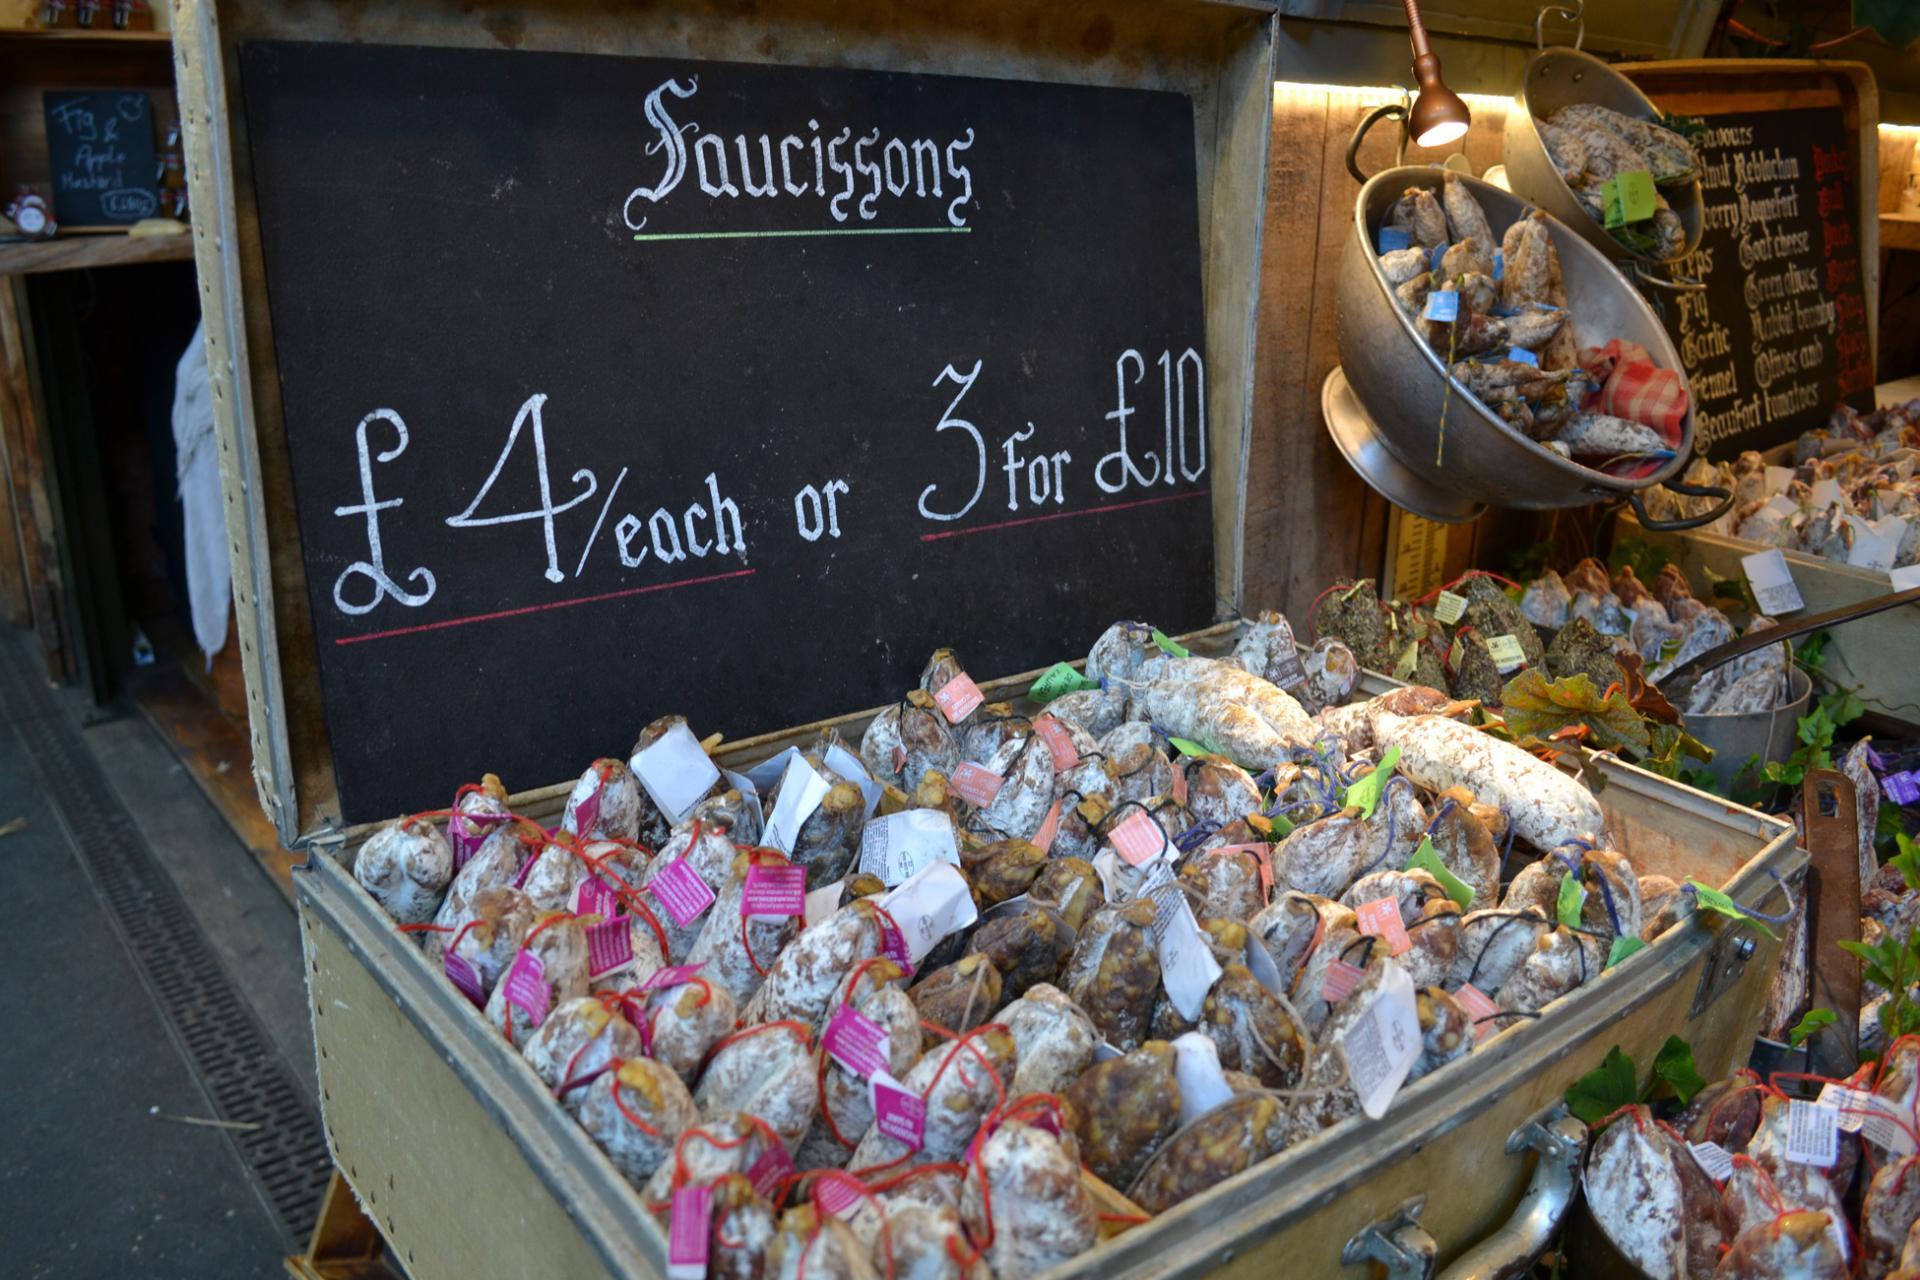 Puestos de charcutería en el Mercado Borough de Londres